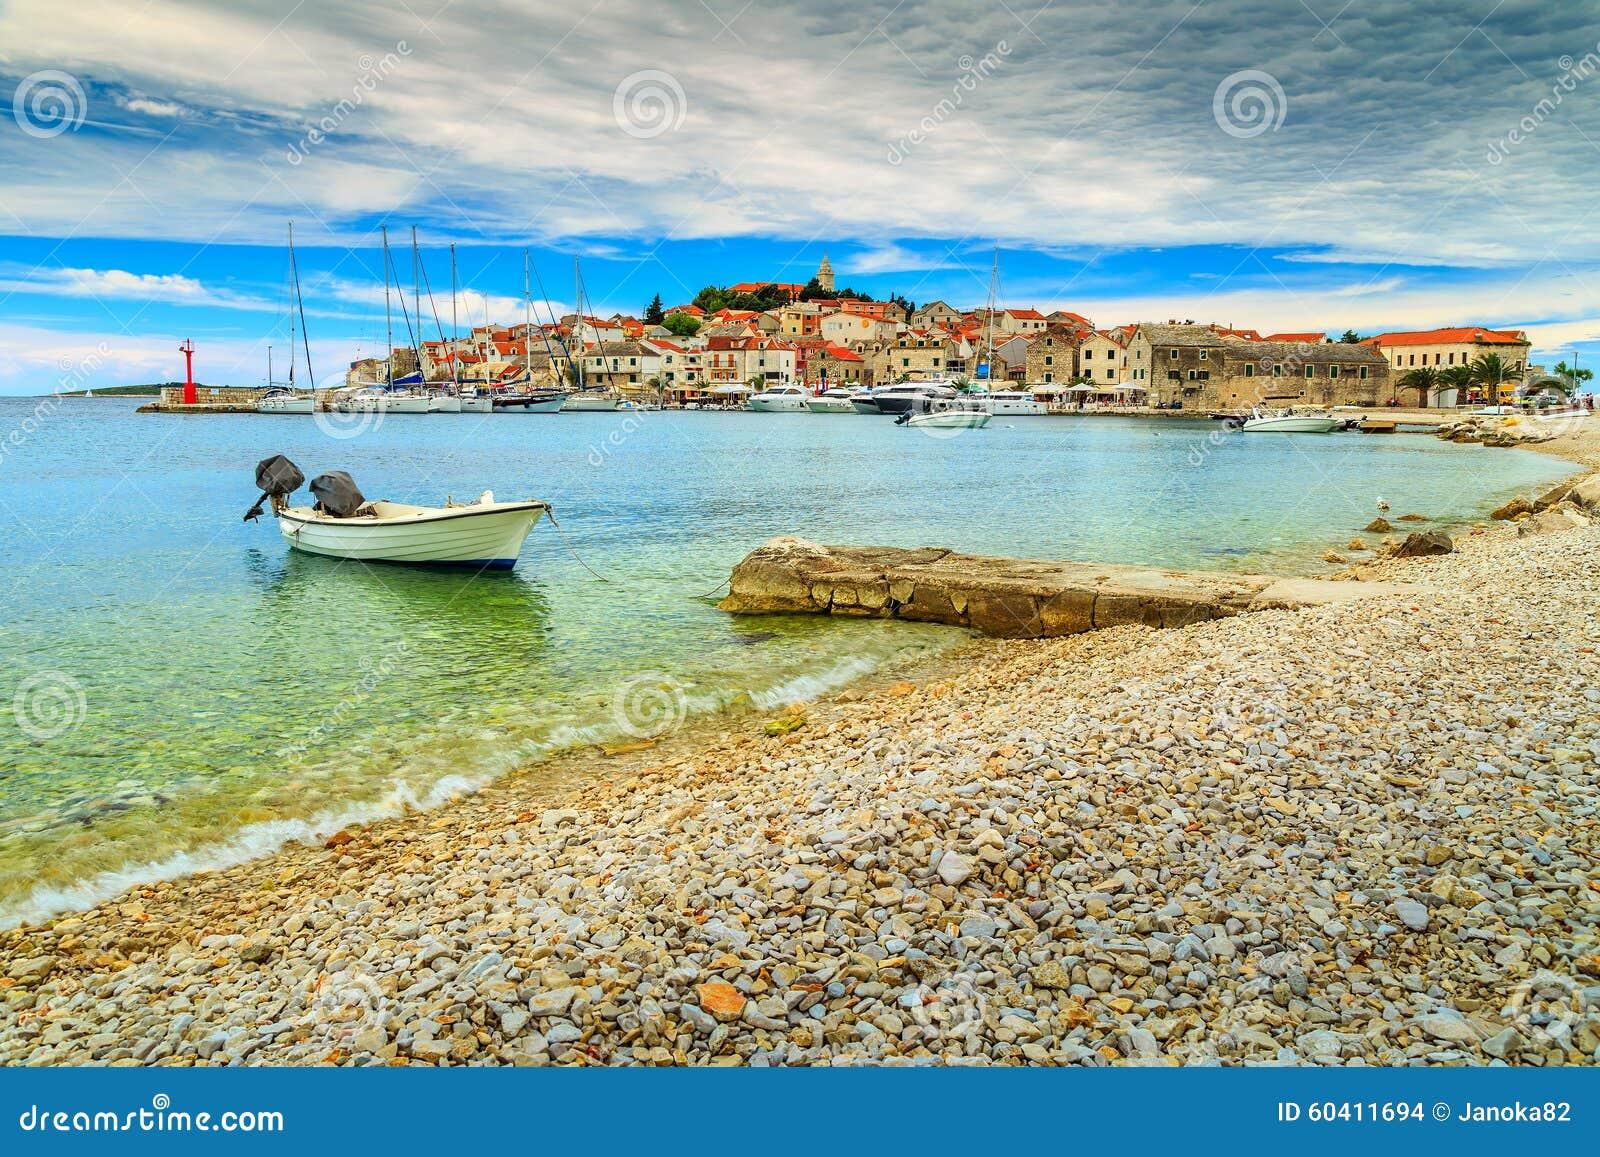 著名渔村全景, Primosten,达尔马提亚,克罗地亚,欧洲